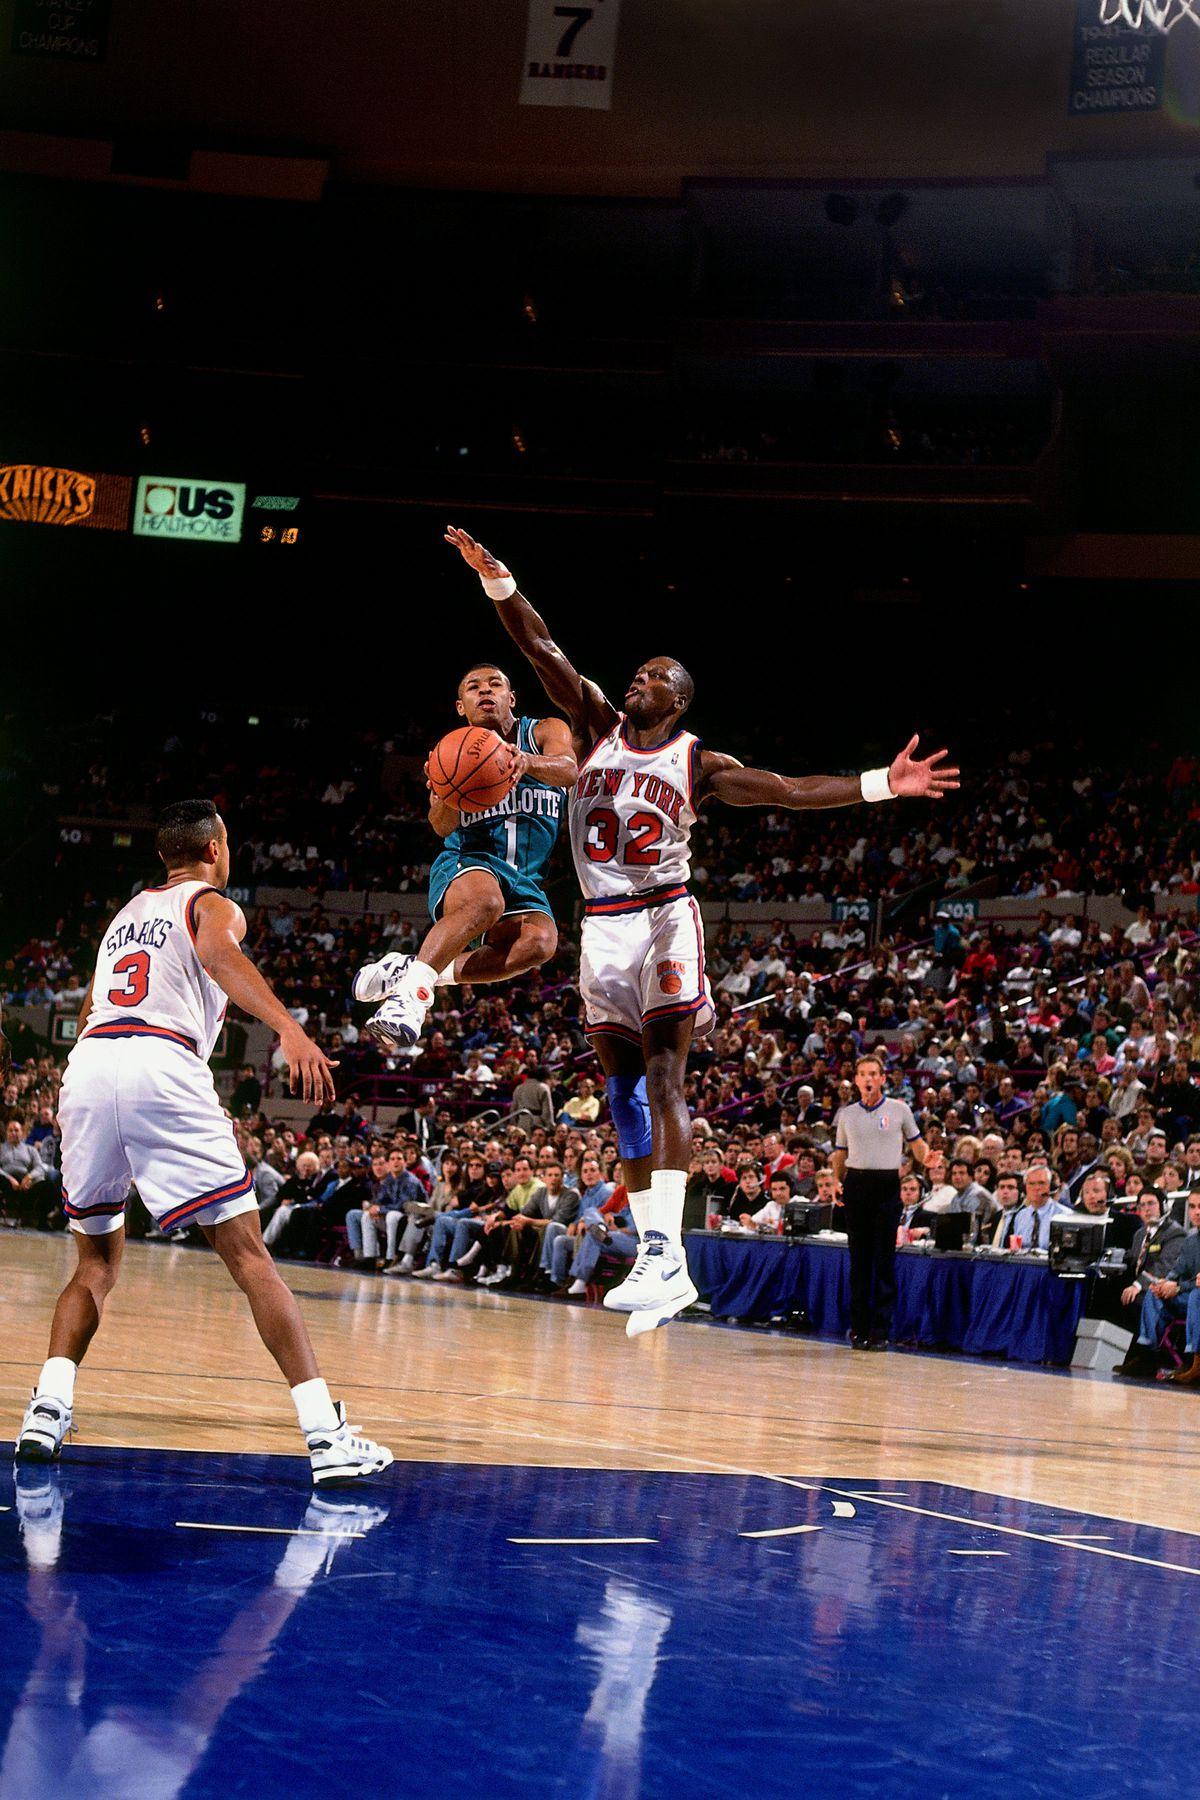 Charlotte Hornets vs. New York Knicks